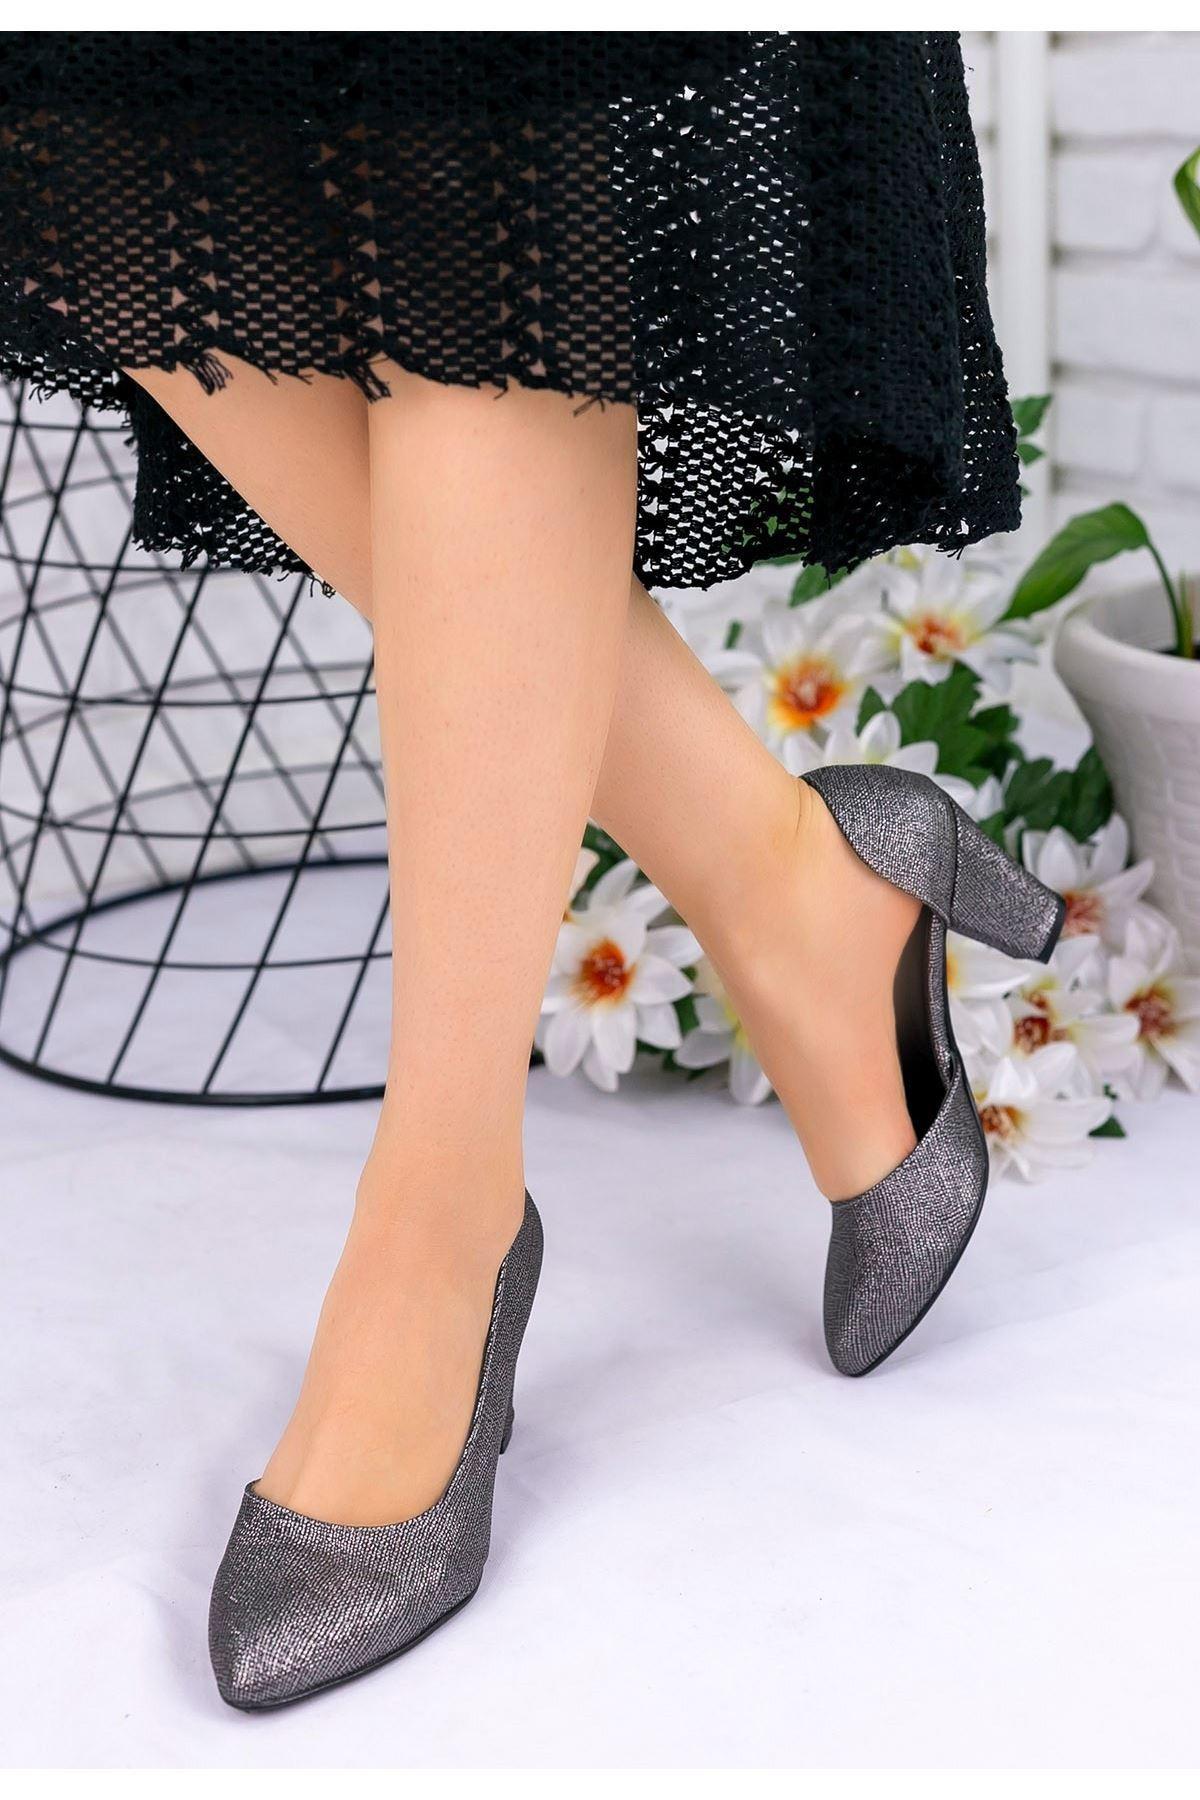 Belie Platin Cilt Desenli Topuklu Ayakkabı